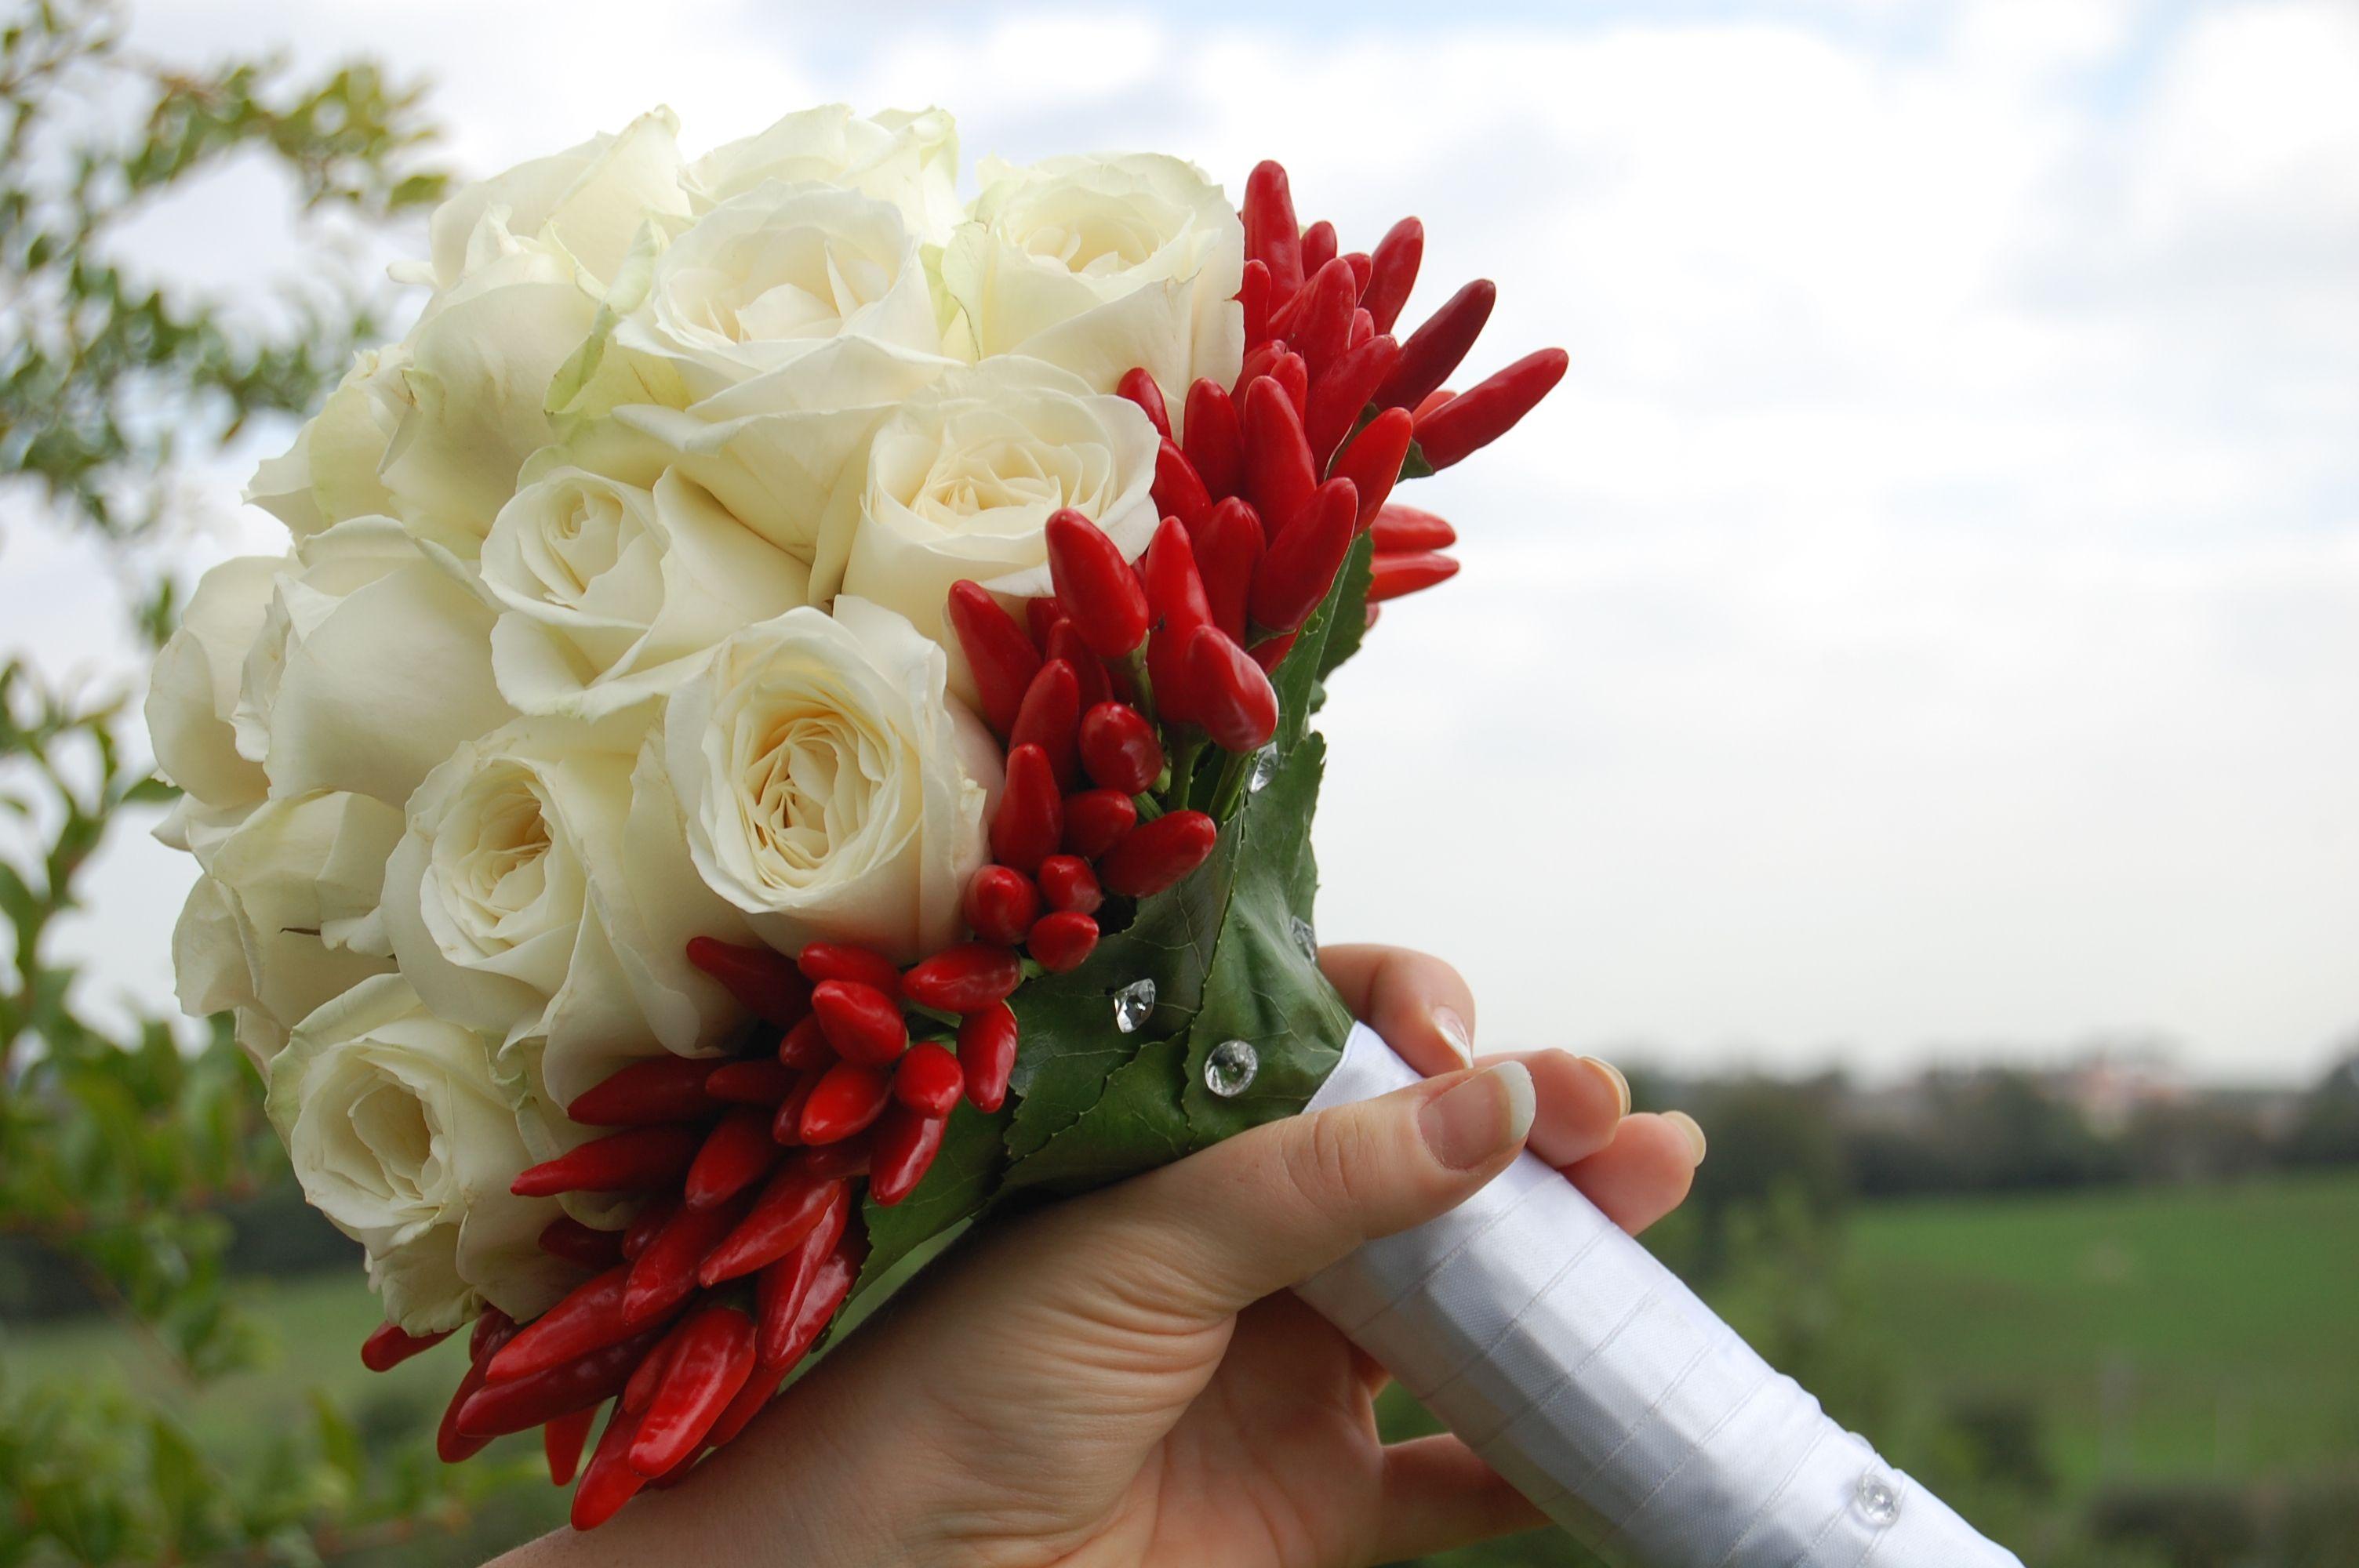 Bouquet Sposa Unico Fiore.La Scelta Giusta Per Il Bouquet Del Tuo Matrimonio Fiori Colori